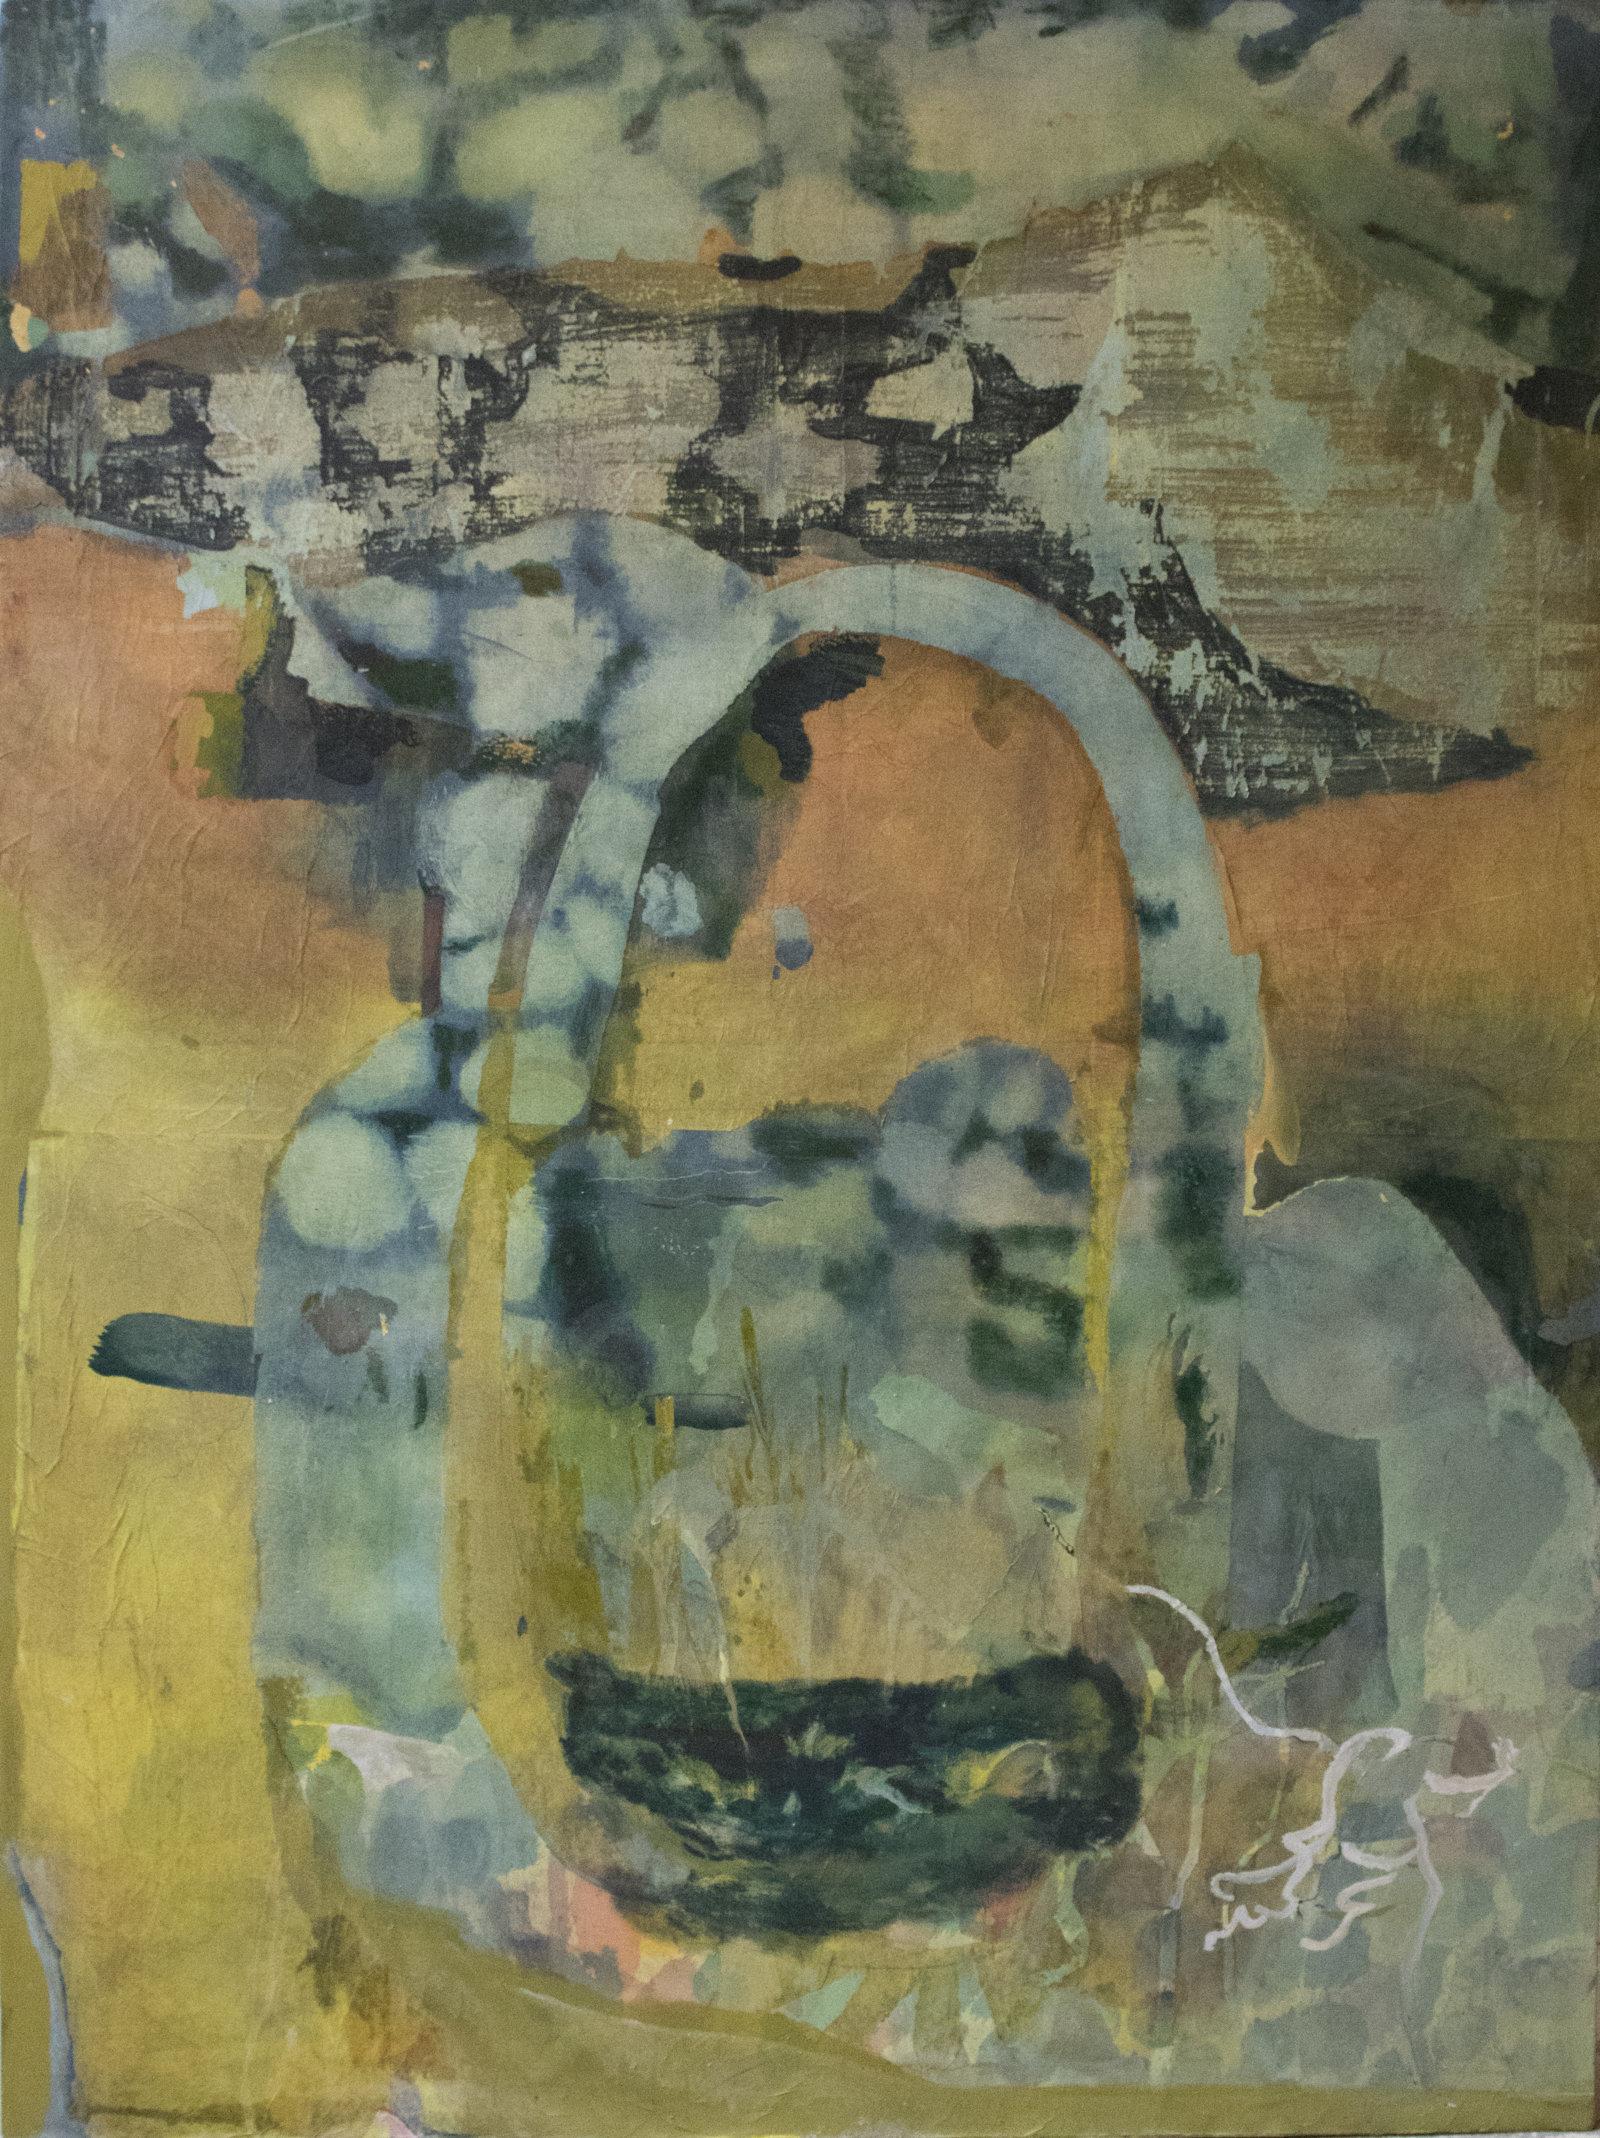 Marmorizzato,160x130 , acrilico collage